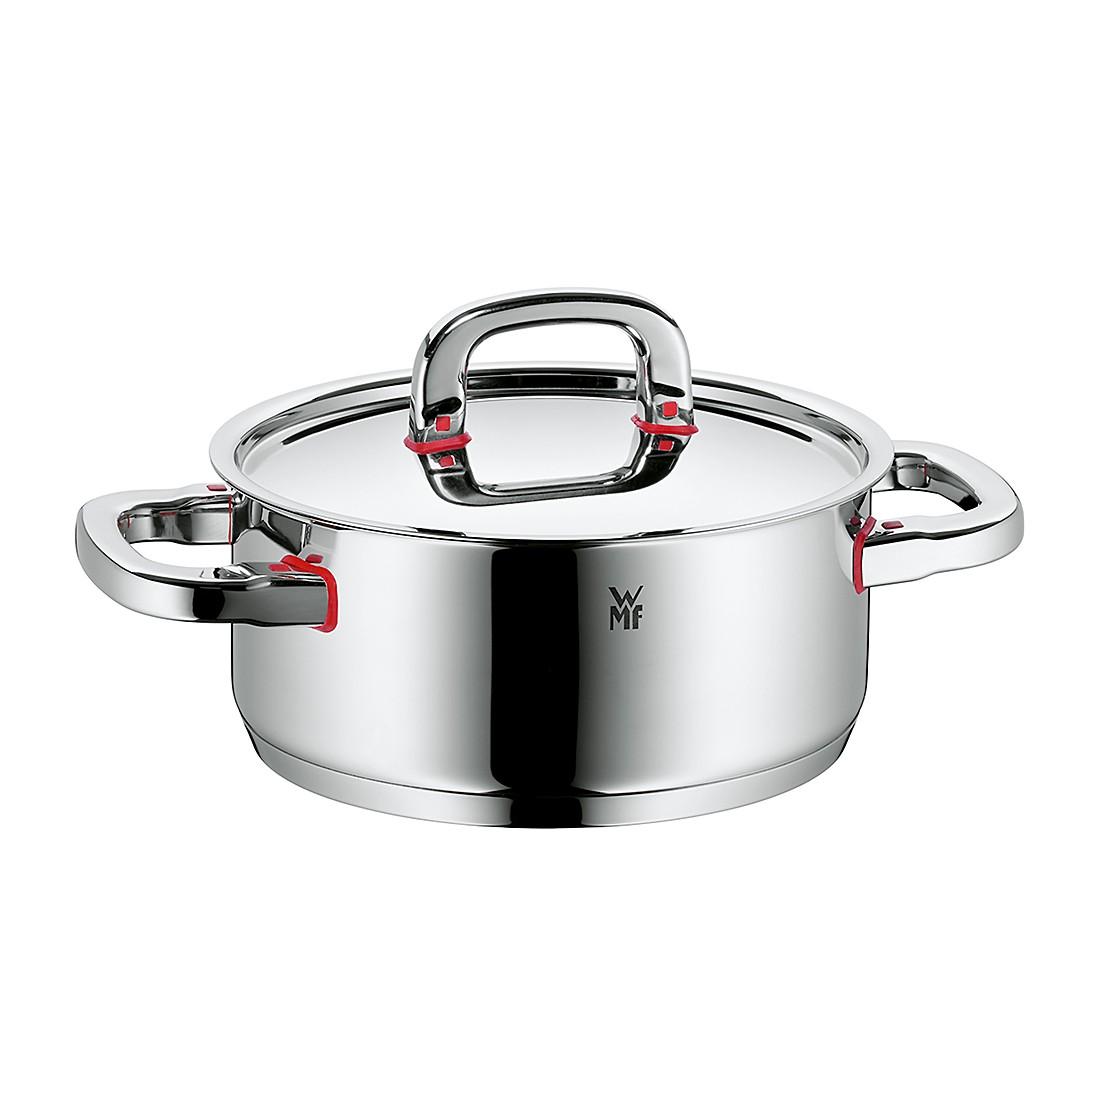 Bratentopf Premium-One (20 cm), WMF online kaufen